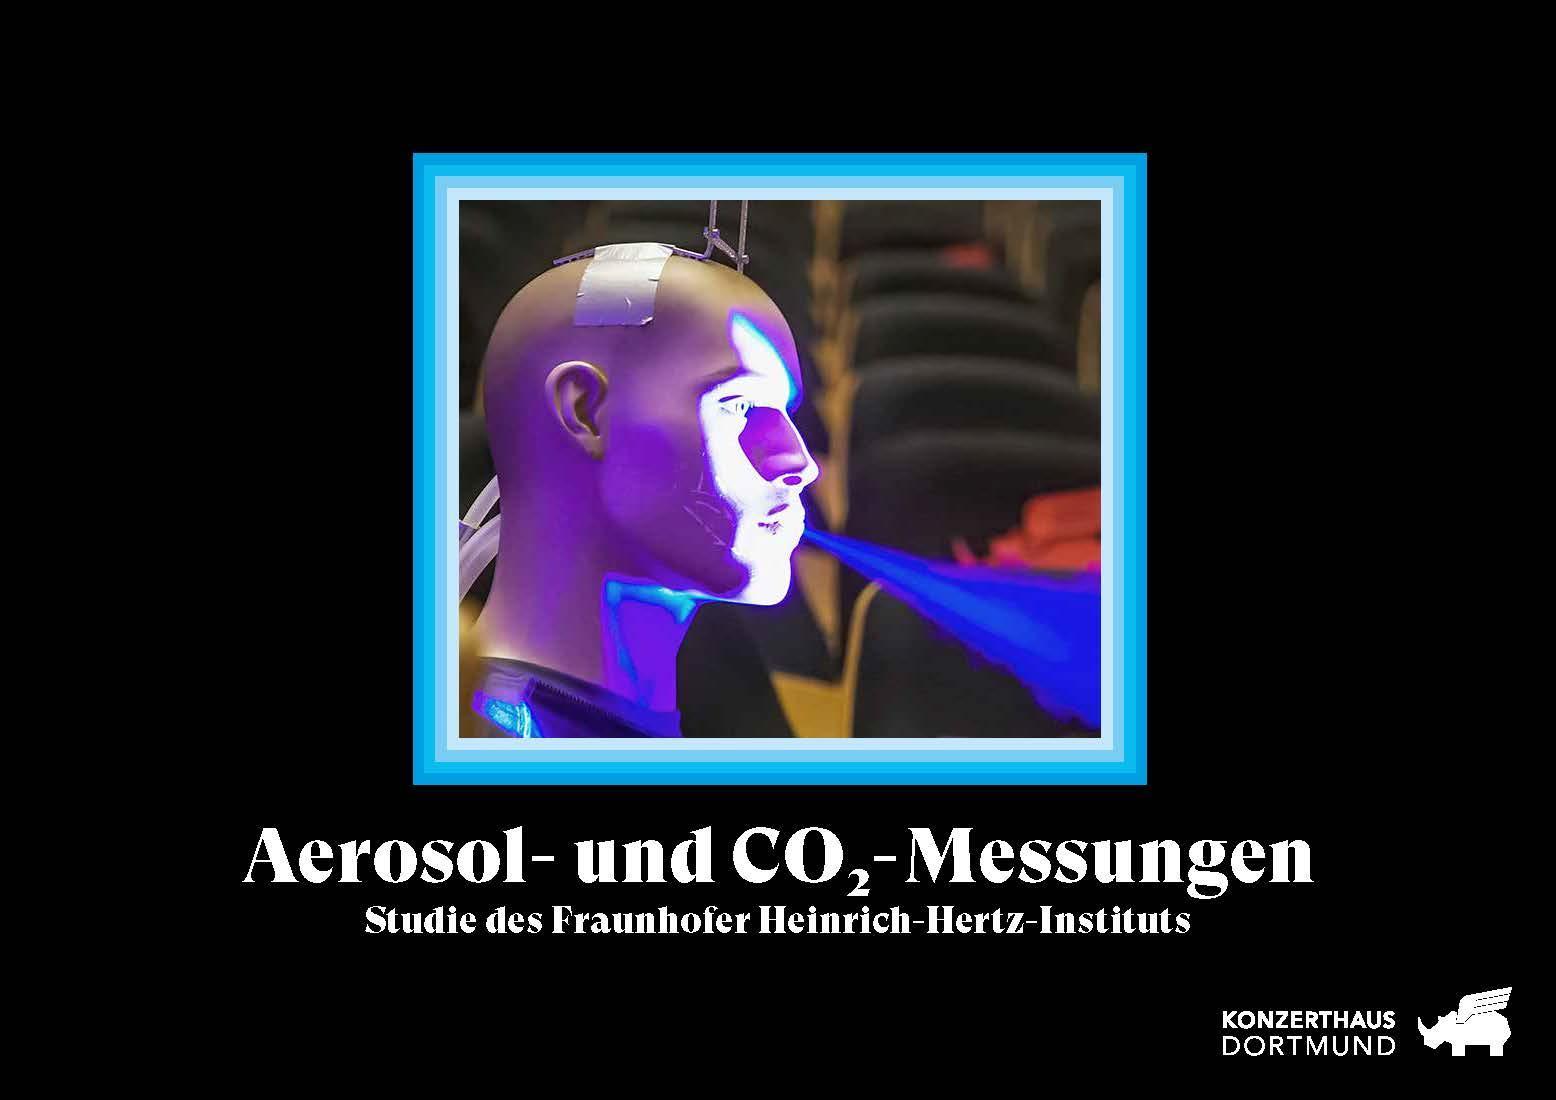 Aerosol- und CO2-Messungen im Konzerthaus Dortmund